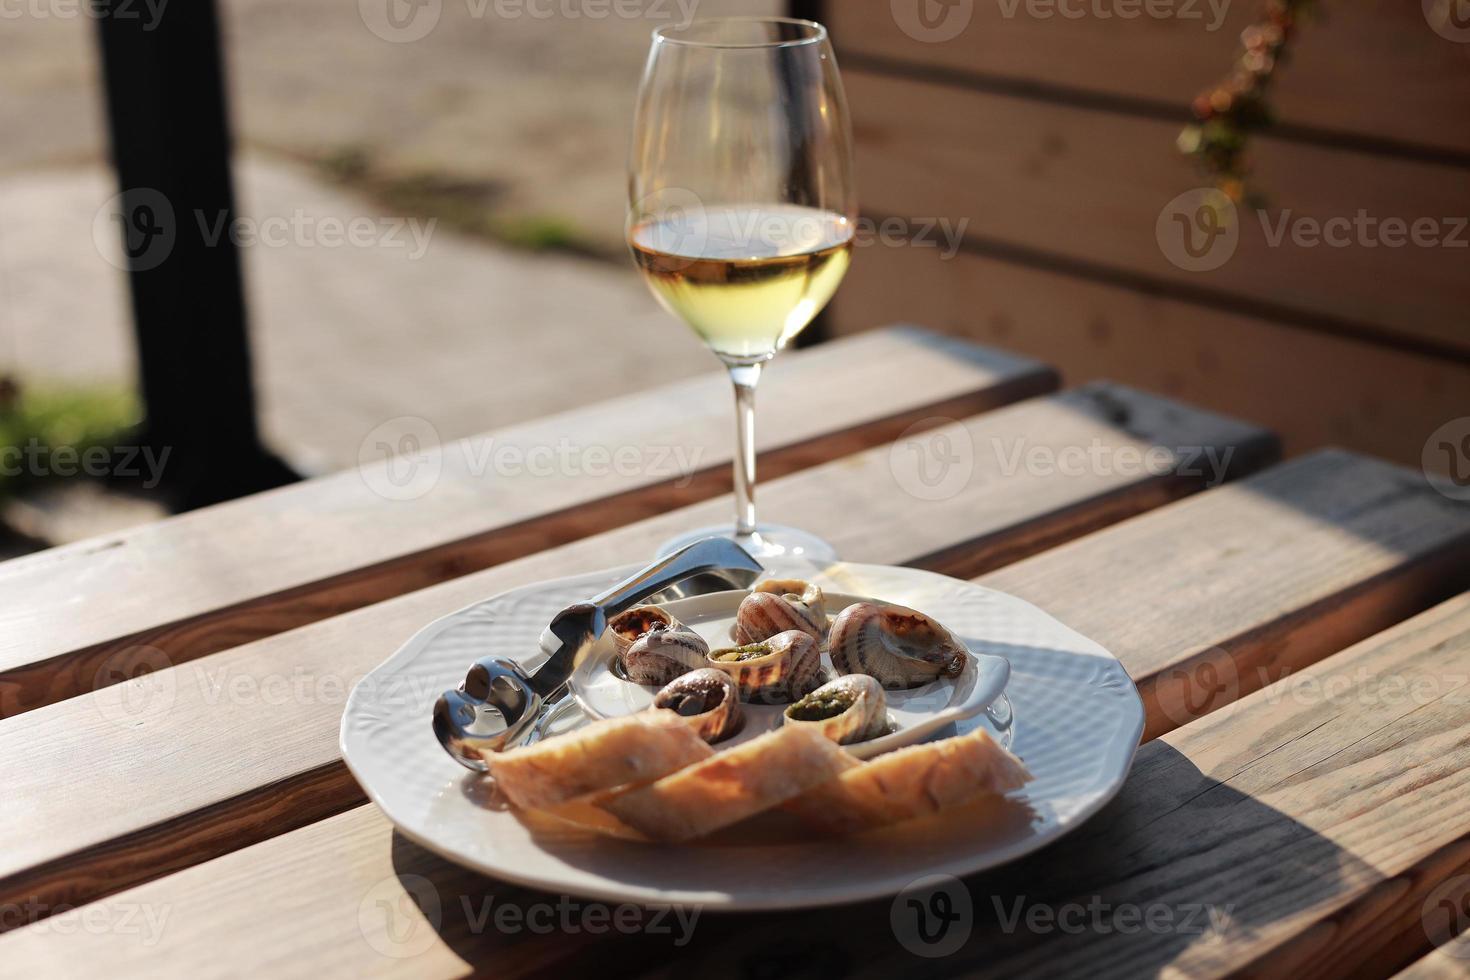 bicchiere con vino e piatto con gusci di lumaca, servito su un piatto classico bianco, con varie salse, pesto, tartufo, formaggio, pezzi di baguette francese, forchetta per conchiglia, tavolo in legno nel caffè all'aperto foto